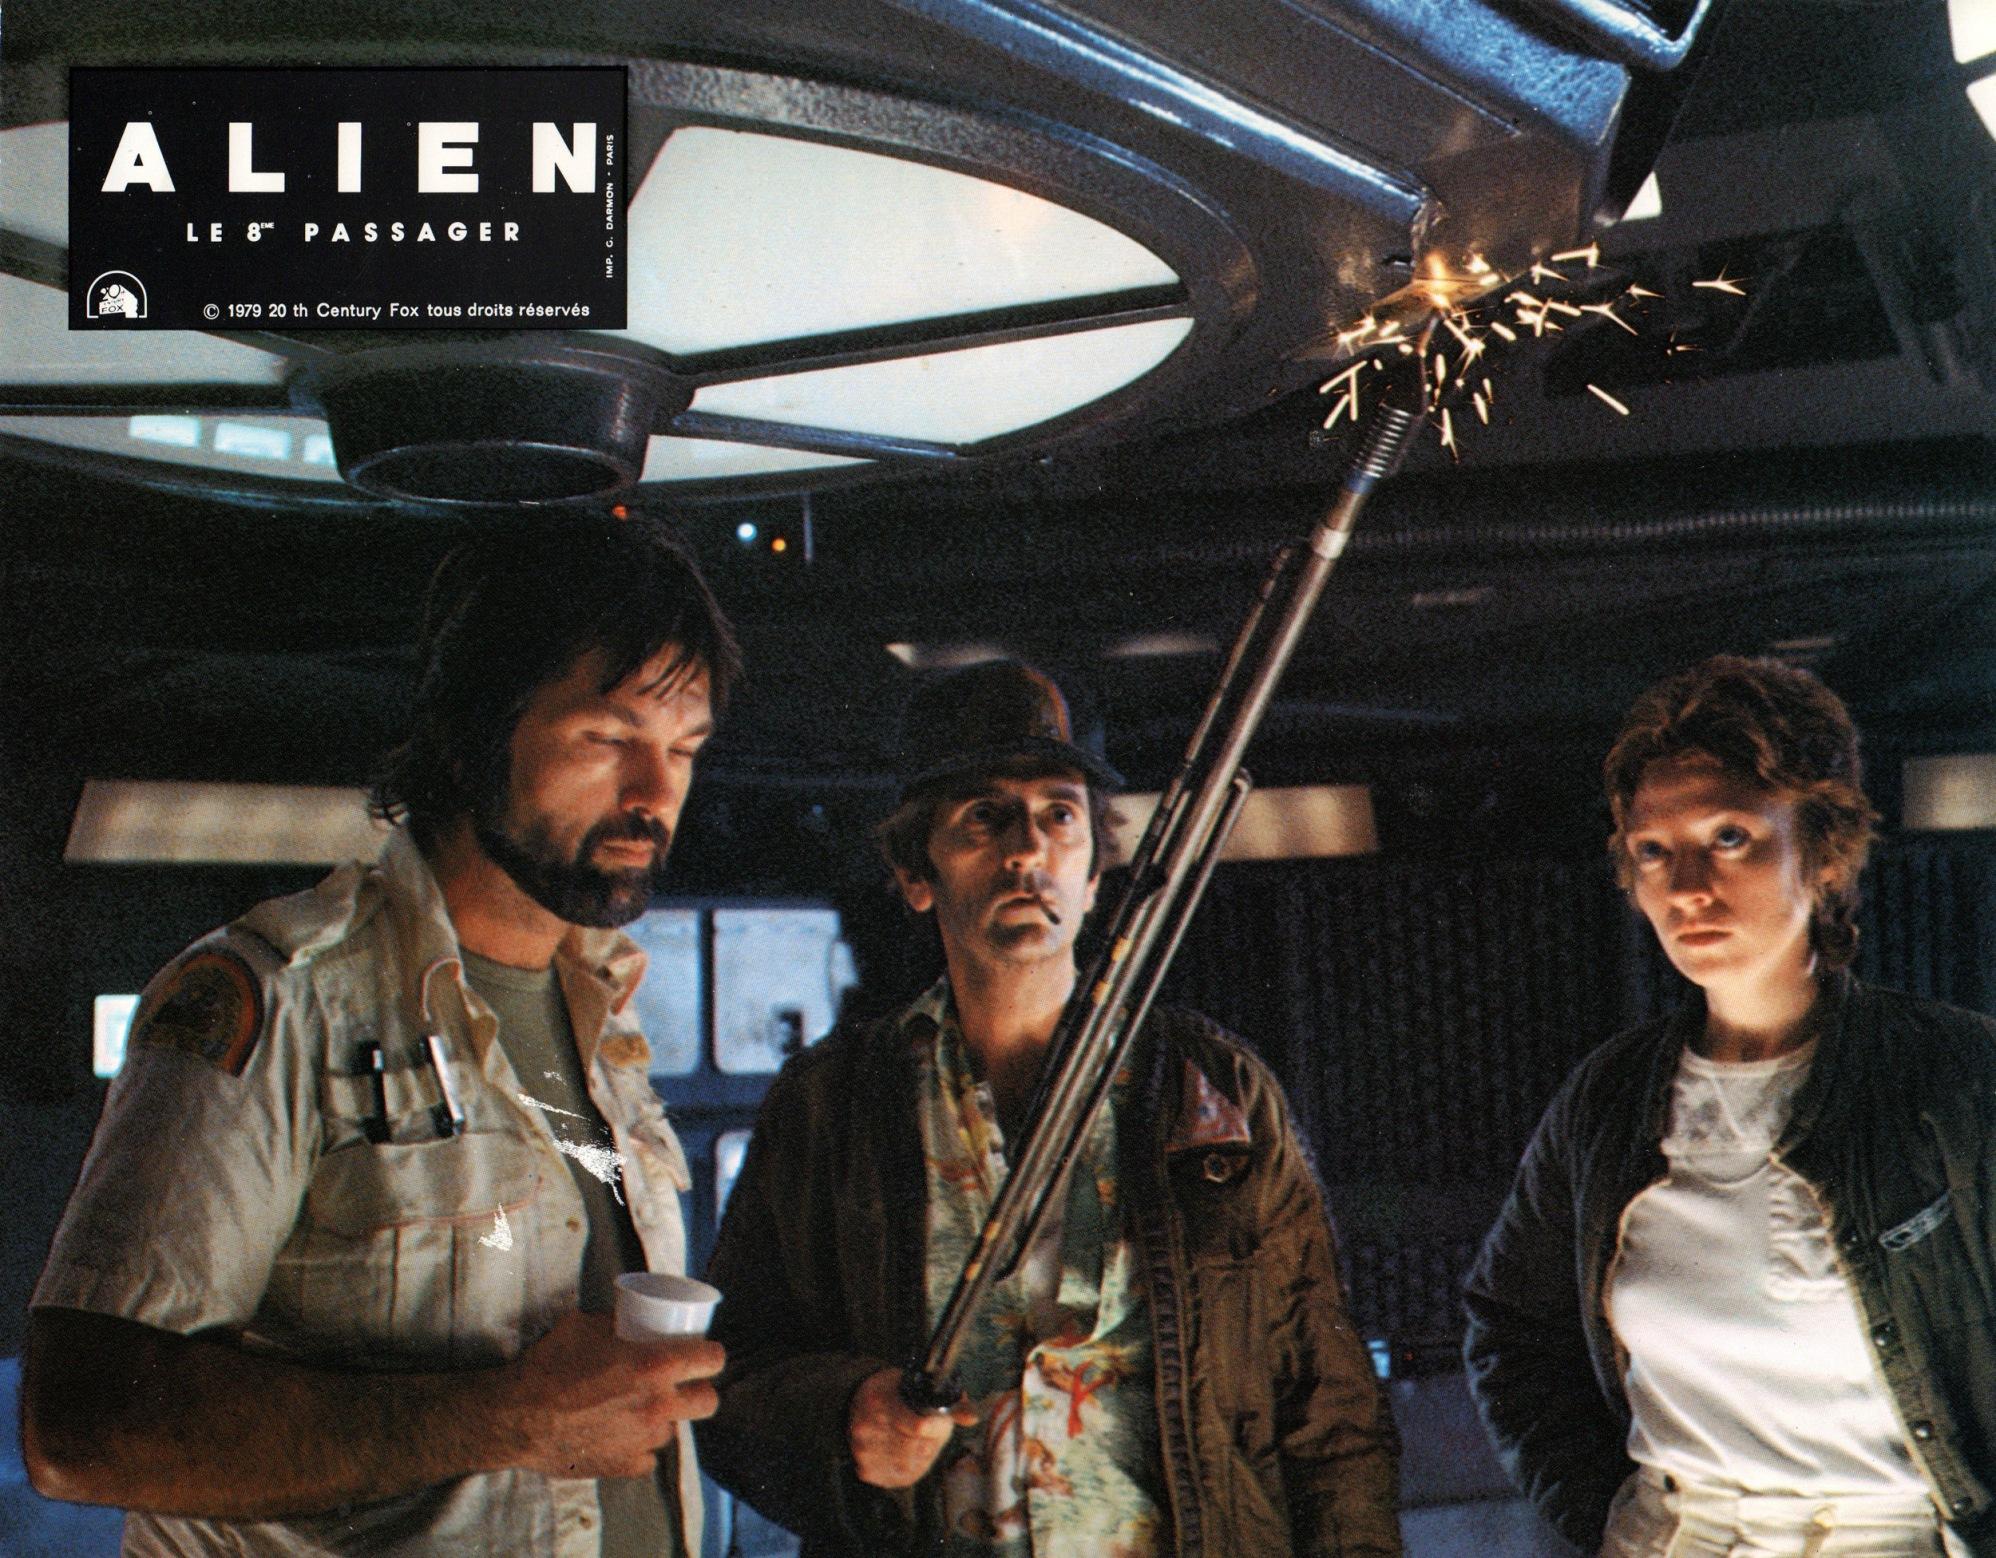 alien-france-08